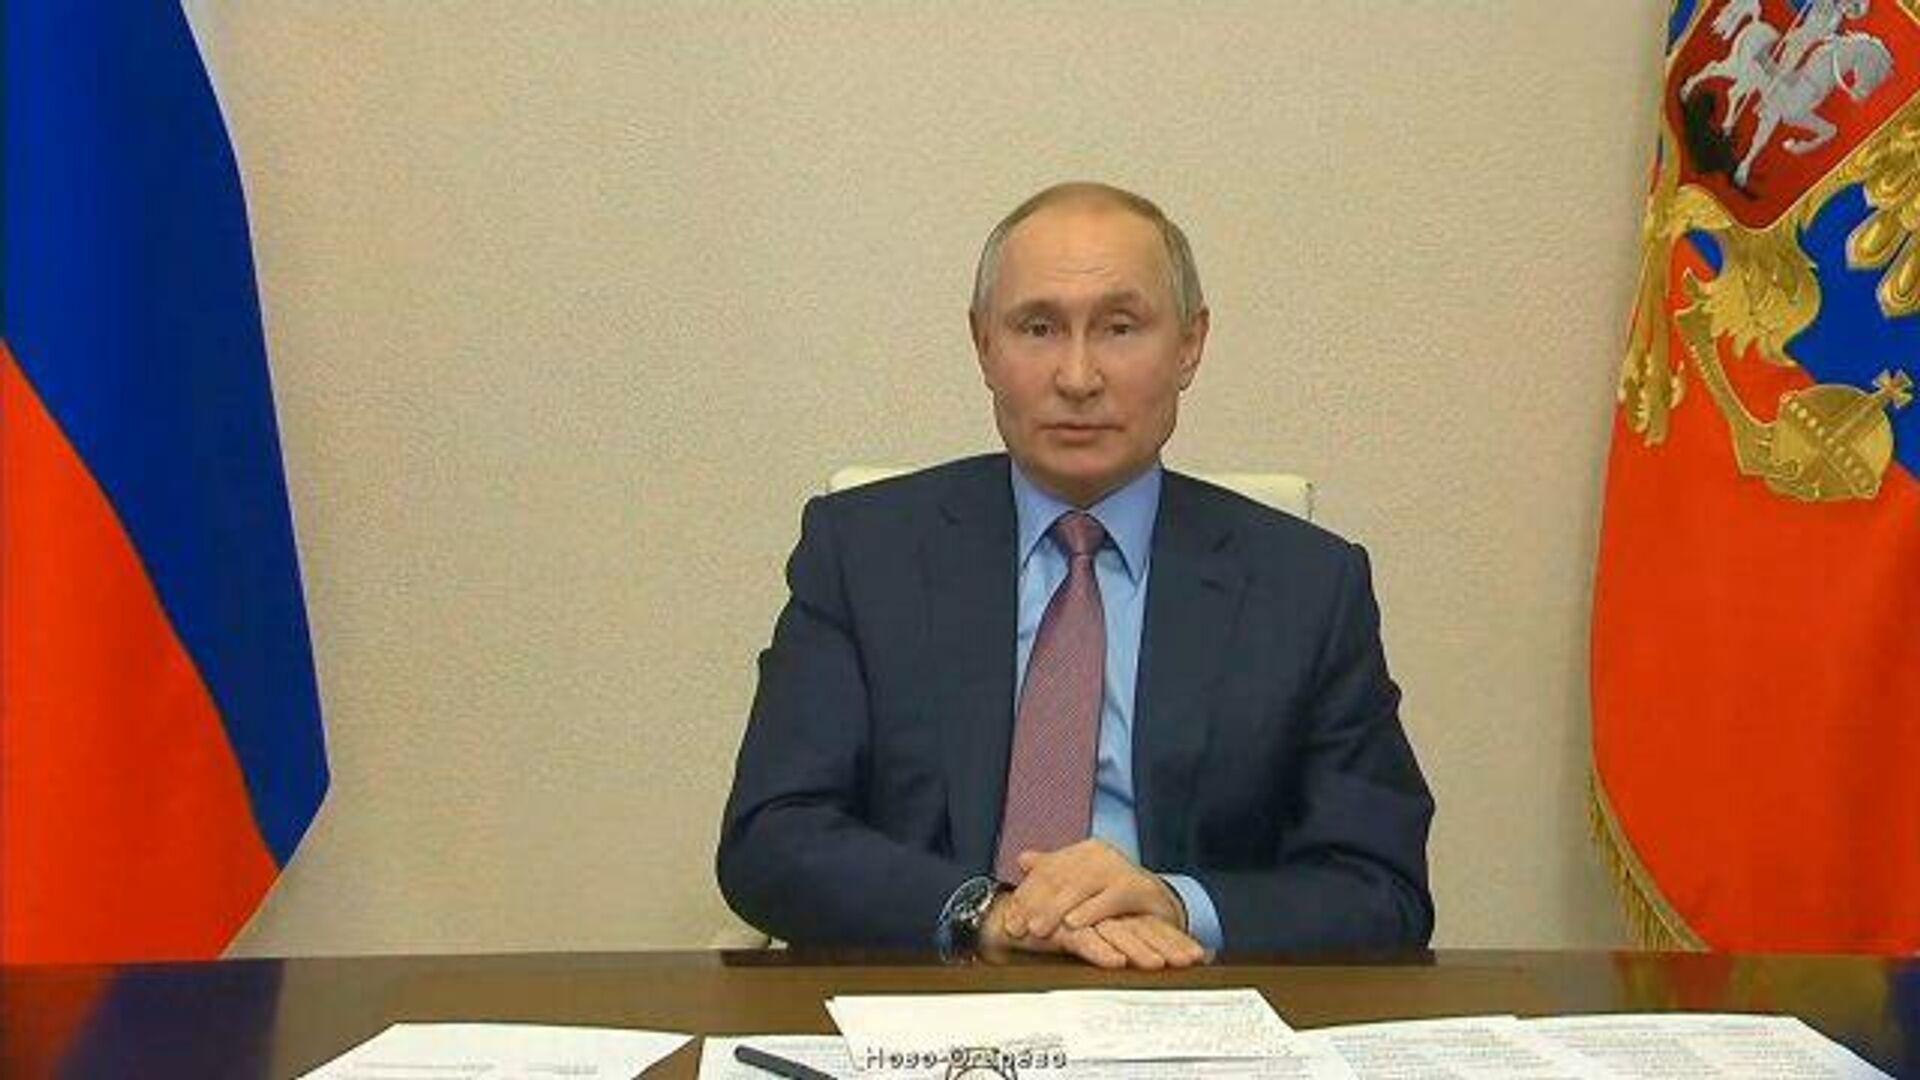 Фигуранта этого используют именно сейчас – Путин о Навальном и незаконных акциях - РИА Новости, 1920, 14.02.2021